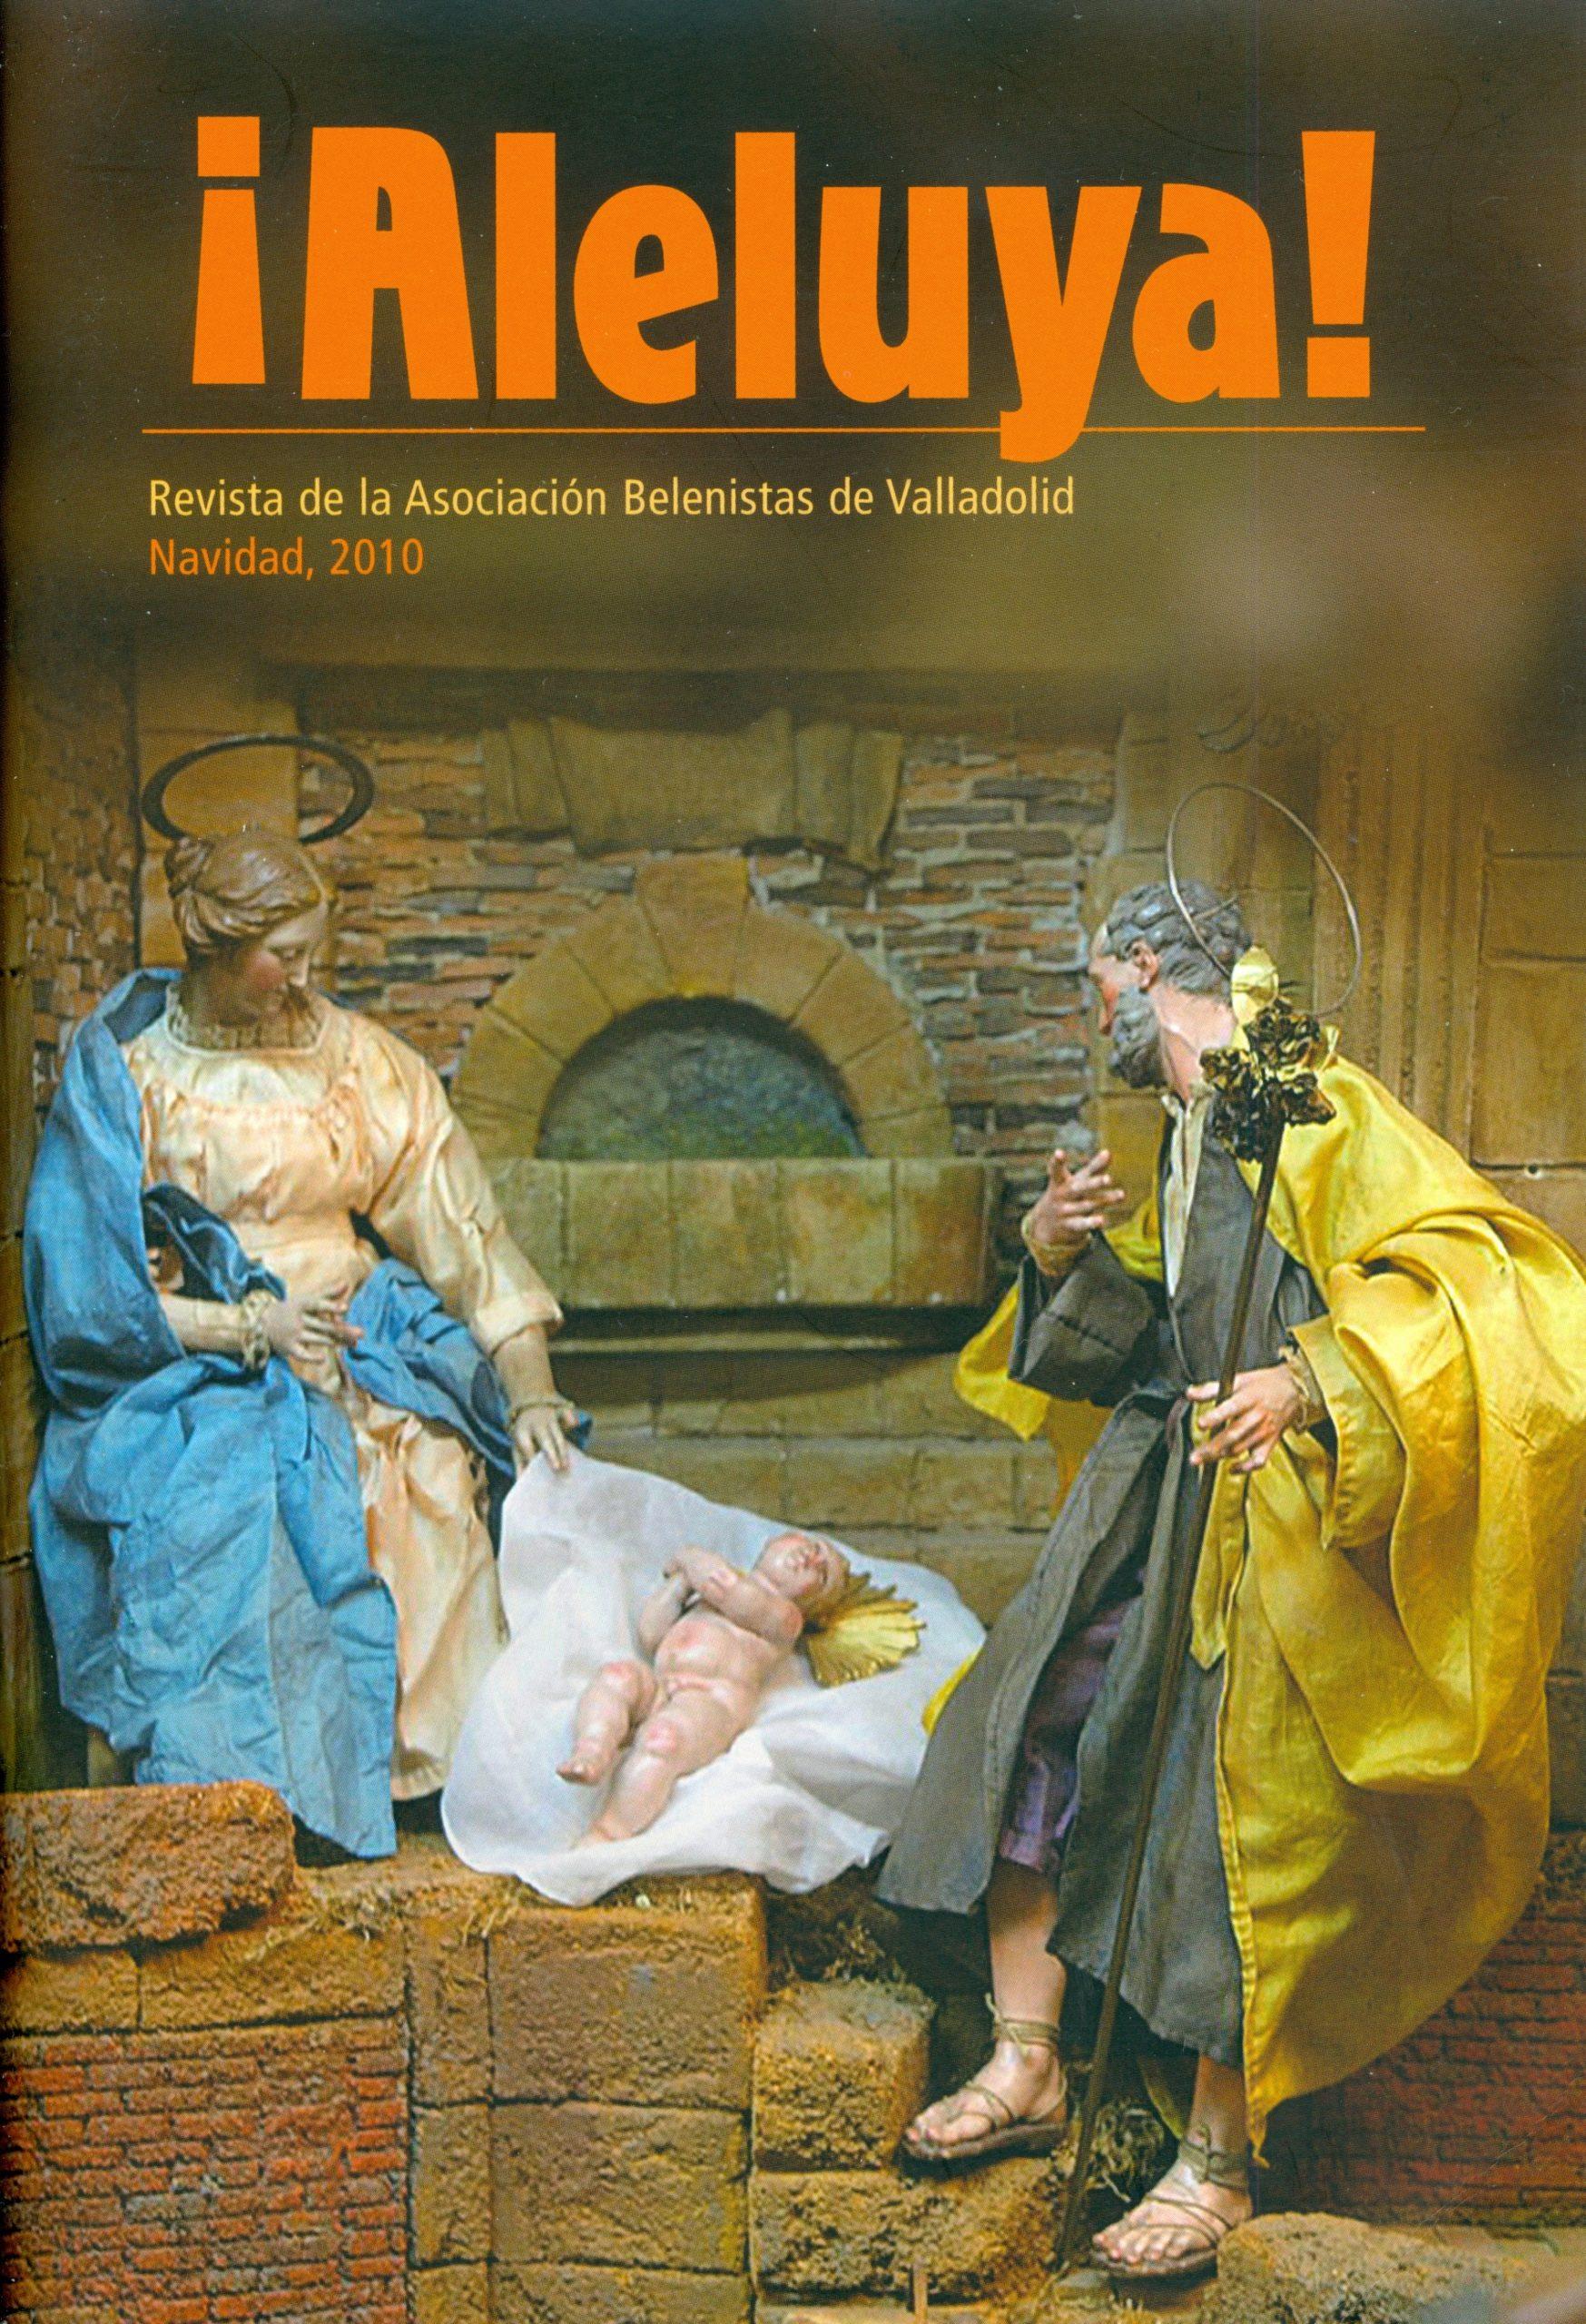 """Portada de la revista ¡Aleluya! nº 5 - Asociación """"Belenistas de Valladolid"""" (2010)"""